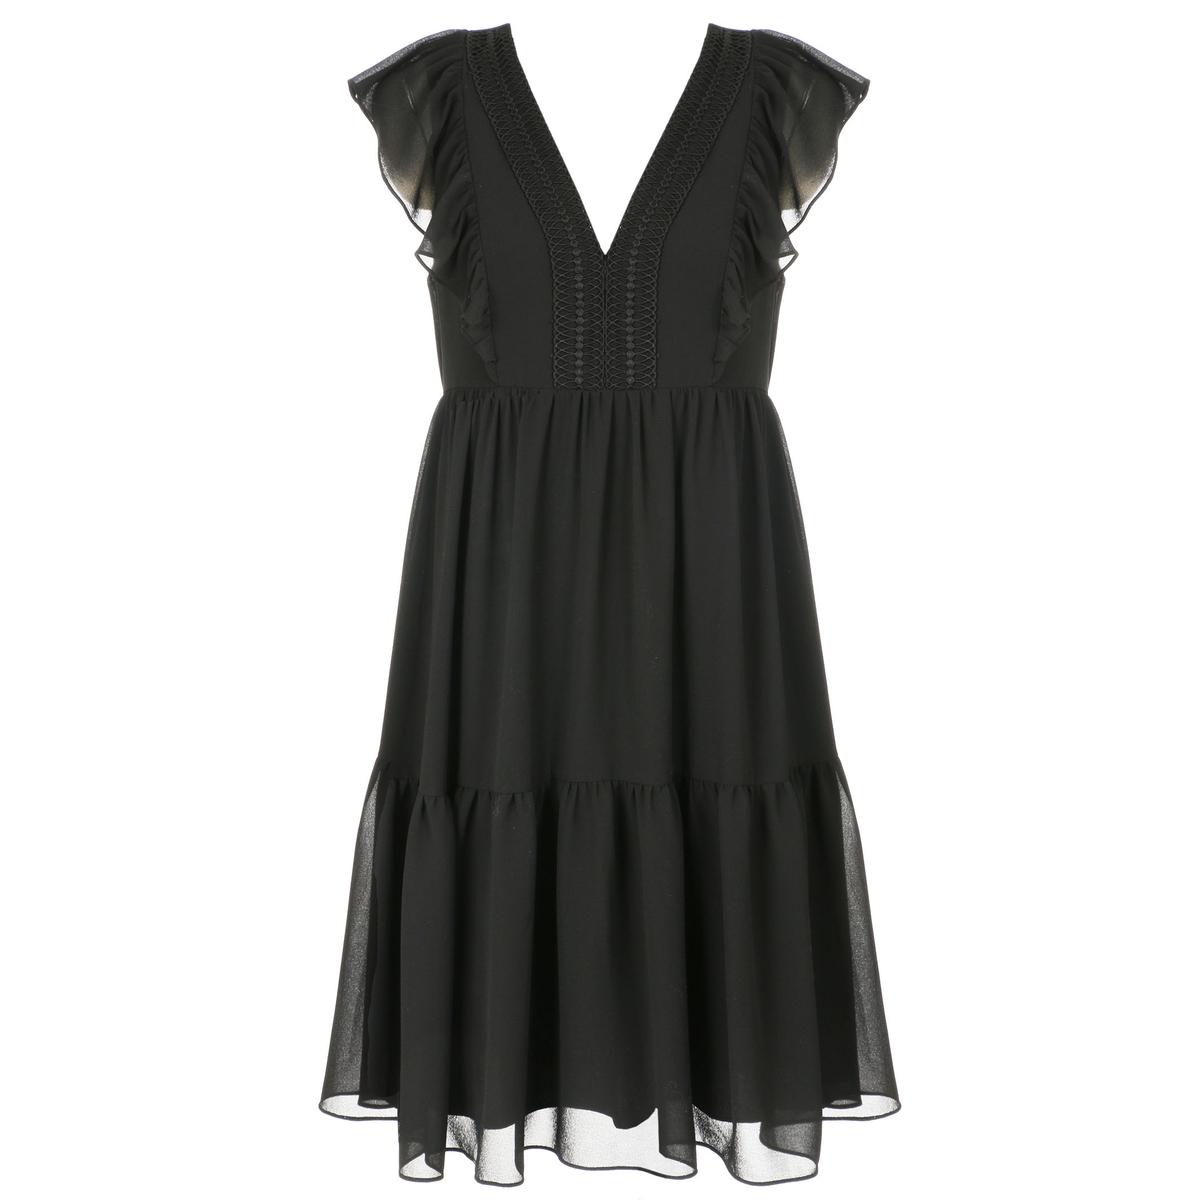 Платье La Redoute Короткое расклешенное на подкладке из вуали с V-образным вырезом 36 (FR) - 42 (RUS) черный платье la redoute струящееся короткое расклешенное с кружевными бретелями 36 fr 42 rus оранжевый